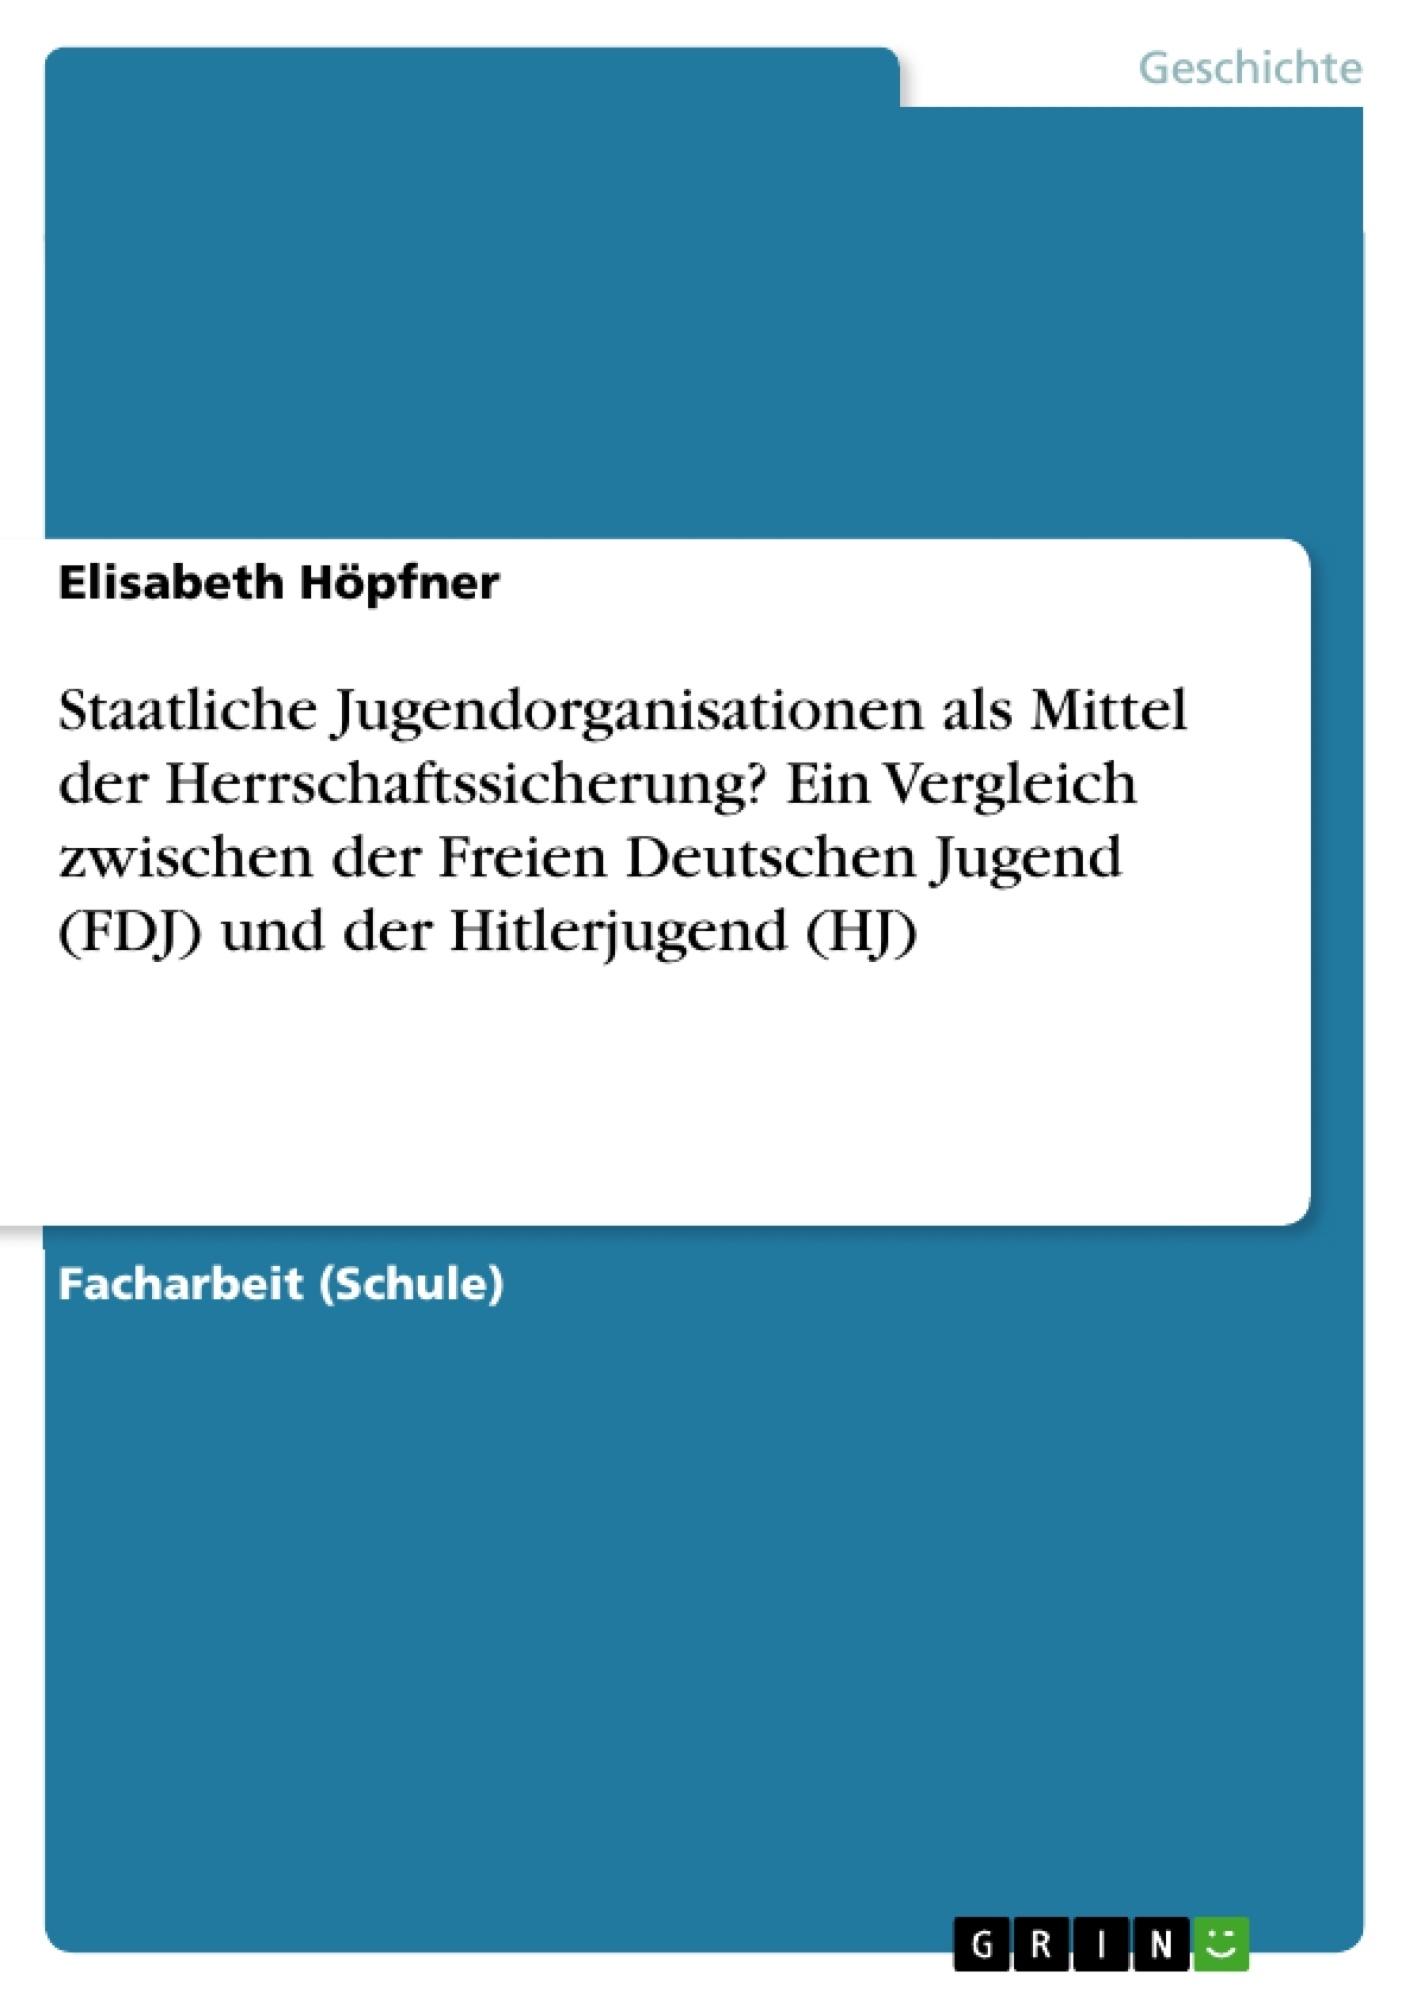 Titel: Staatliche Jugendorganisationen als Mittel der Herrschaftssicherung? Ein Vergleich zwischen der Freien Deutschen Jugend (FDJ) und der Hitlerjugend (HJ)